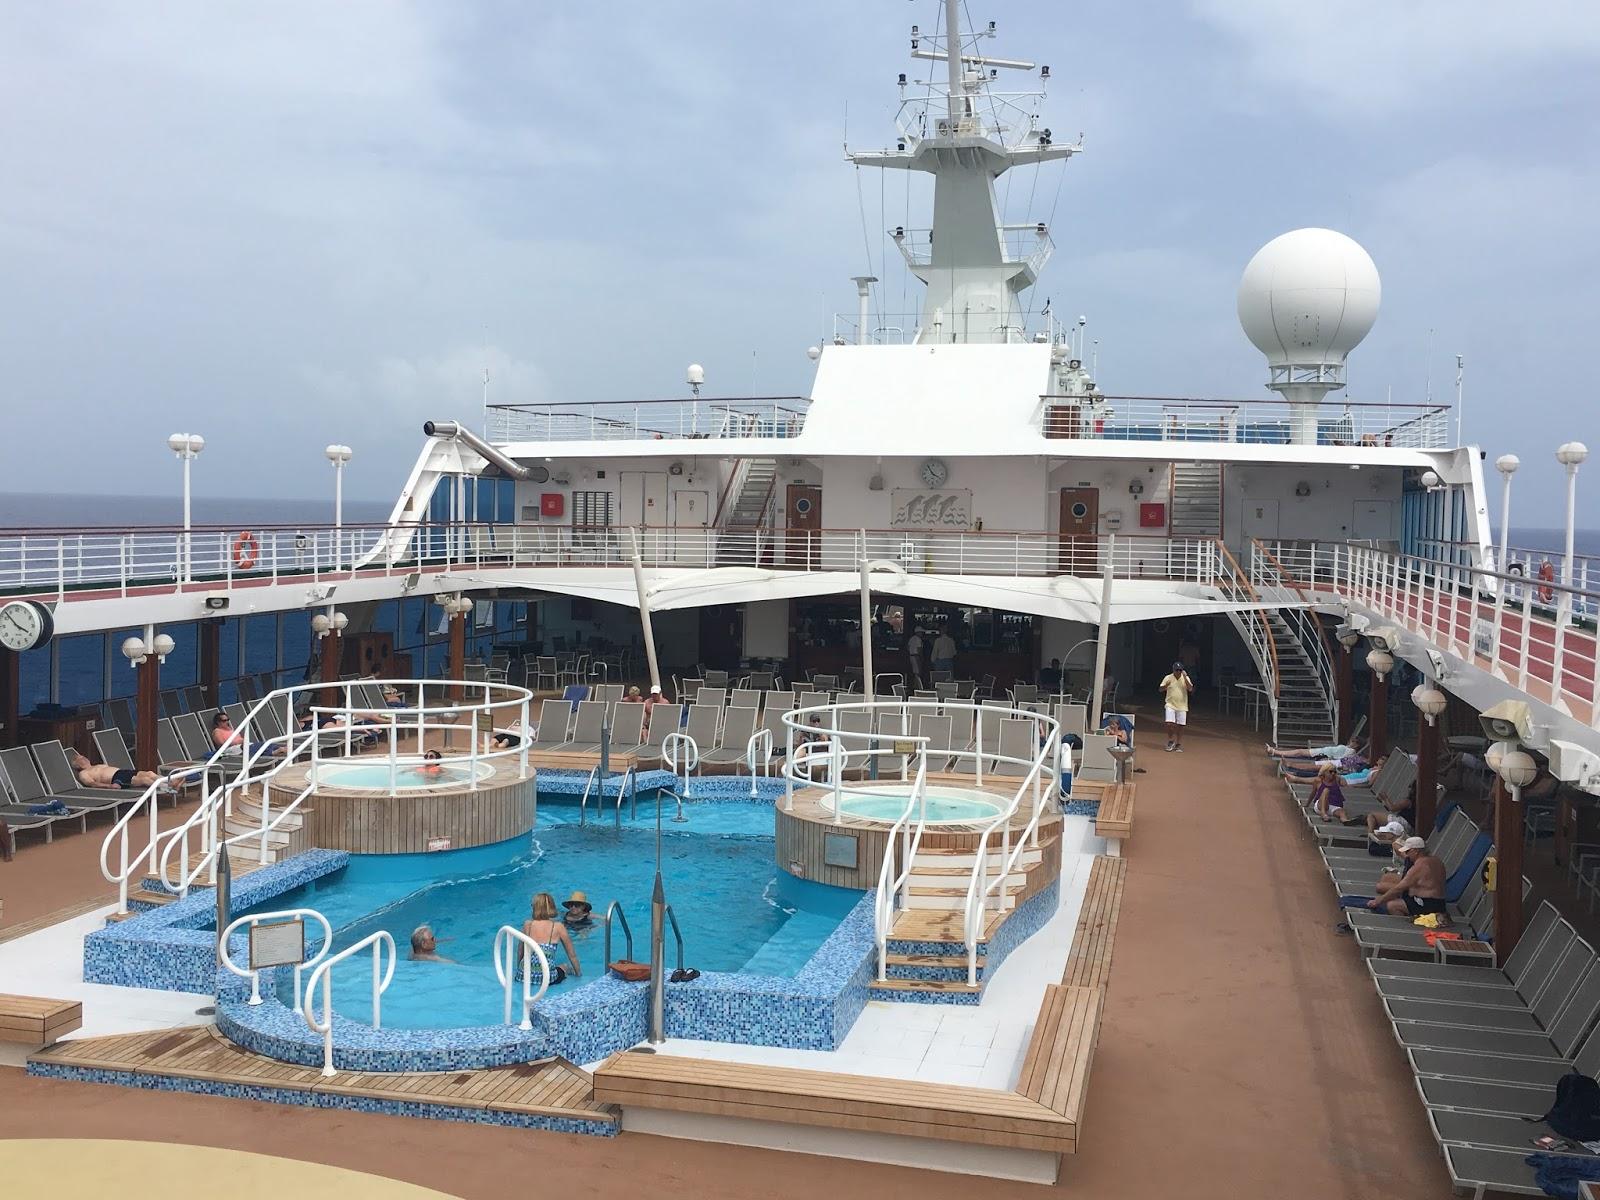 Adonia Cruise Ship Reviews | fitbudha.com